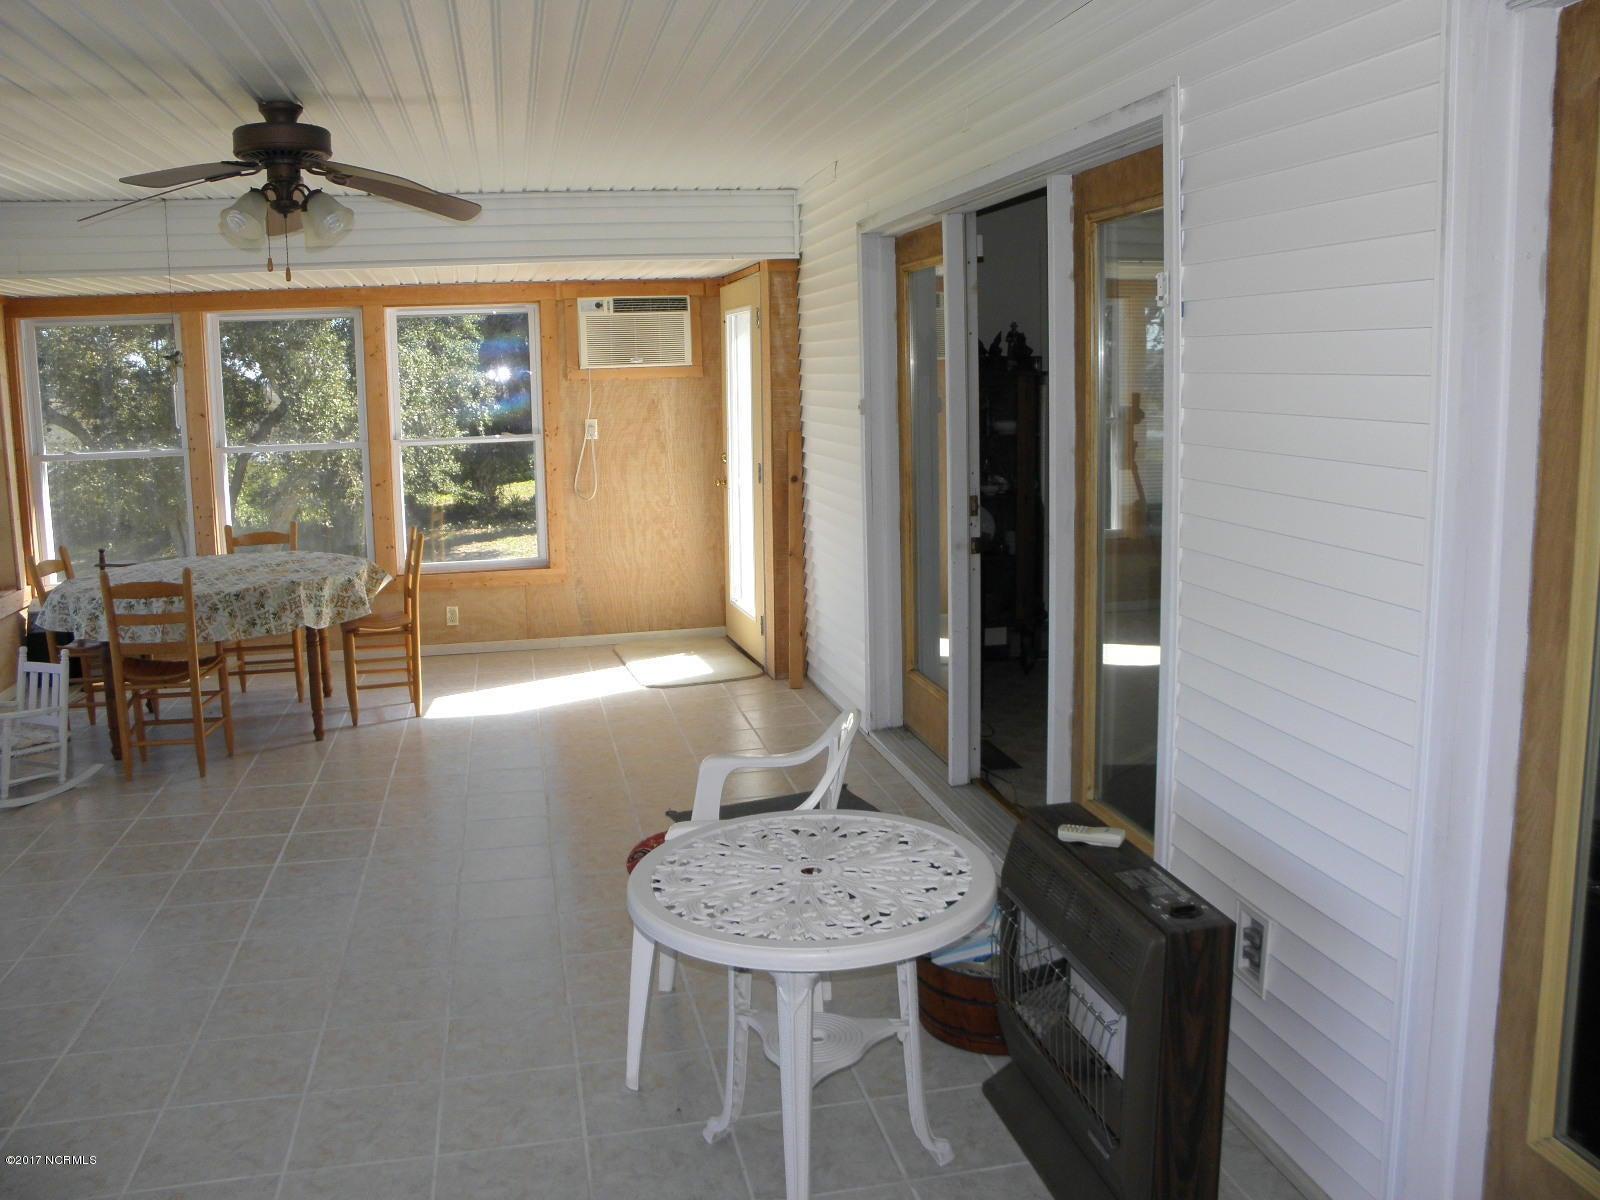 Tranquil Harbor Real Estate - http://cdn.resize.sparkplatform.com/ncr/1024x768/true/20171018235852881148000000-o.jpg